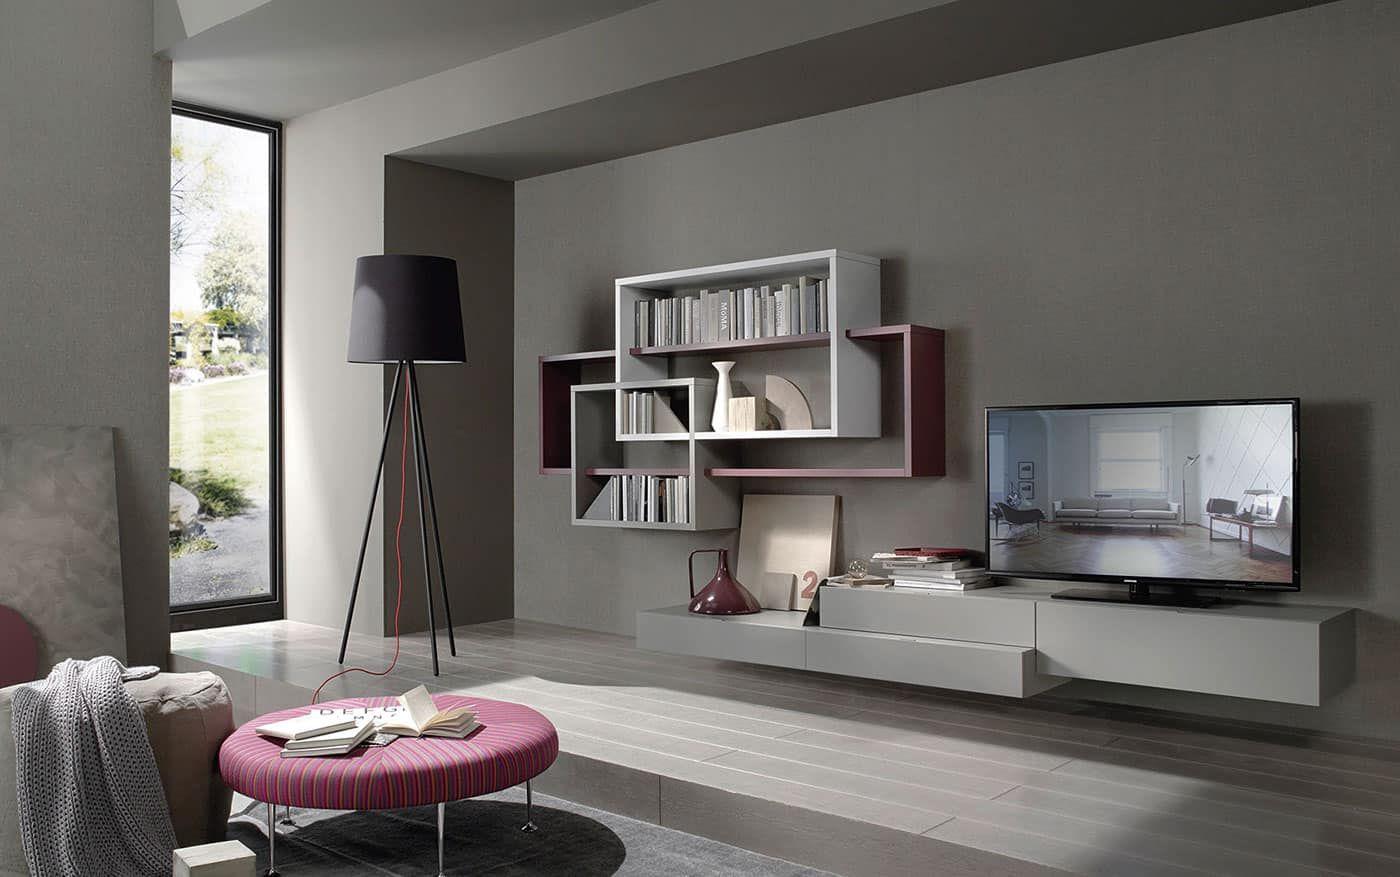 Wohnwand Lampo L5c59 Wohnzimmer Modern Wohnzimmer Einrichten Wohnen